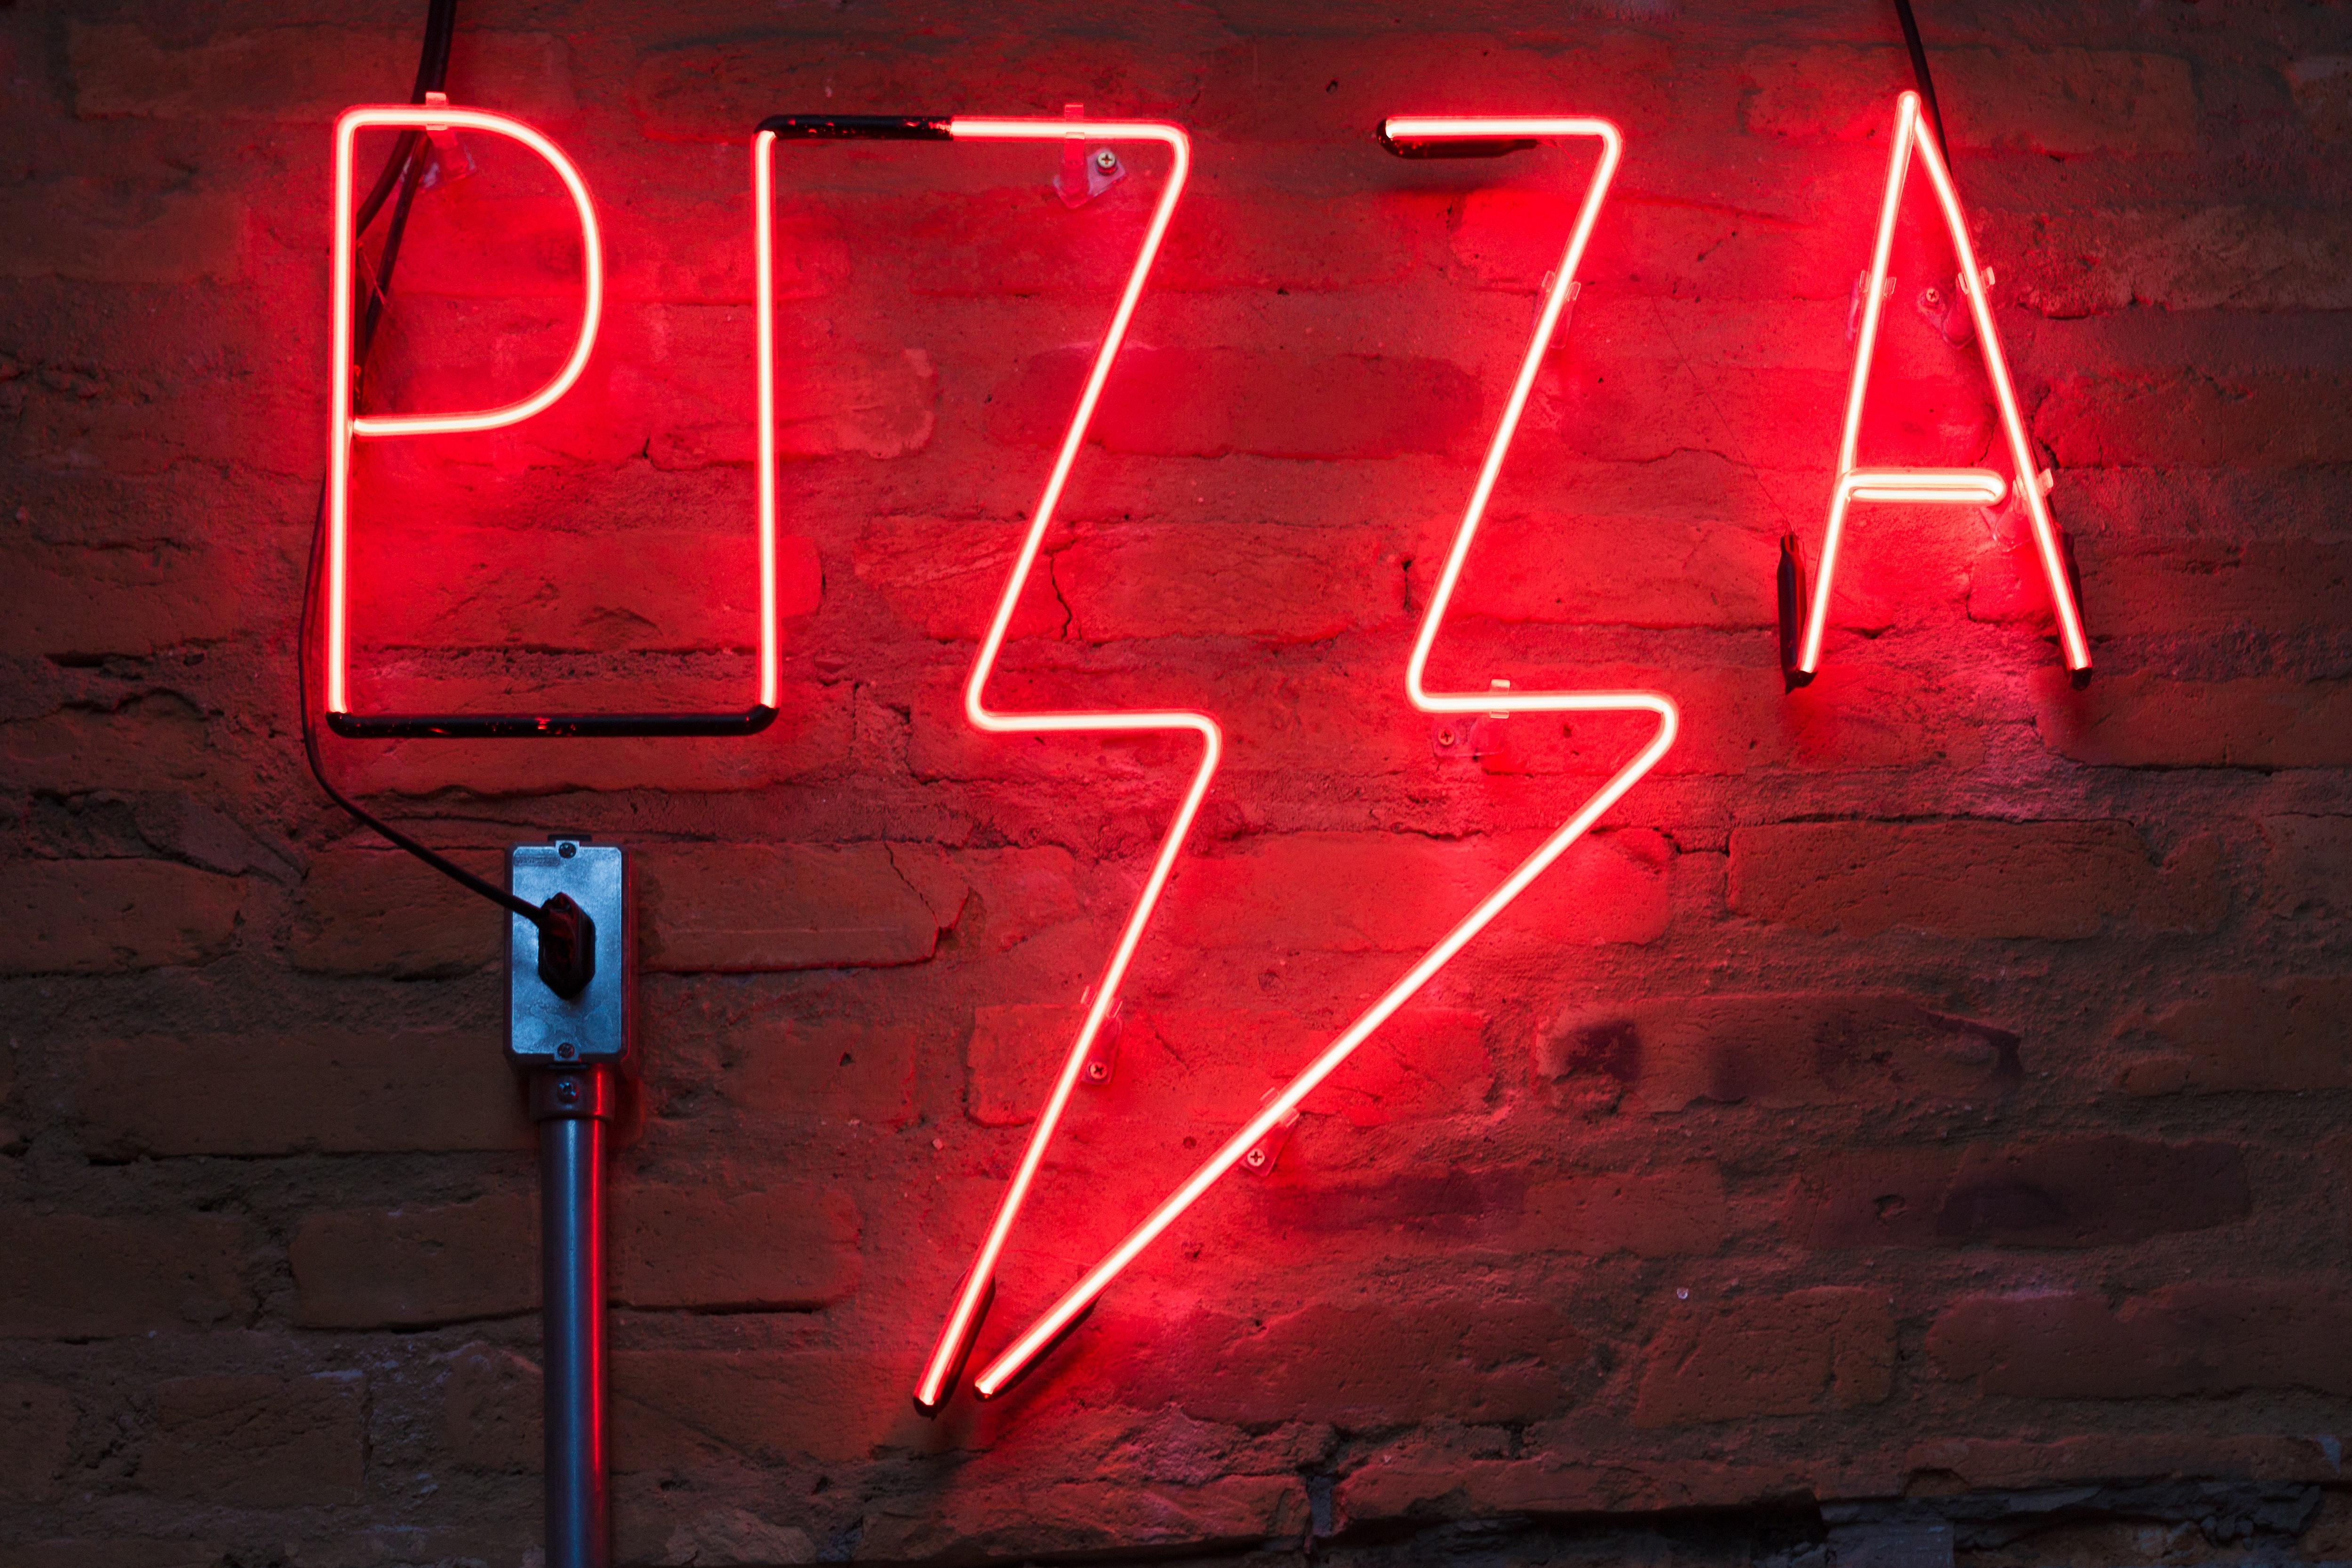 Cheap pizza (Credit: Pexels)